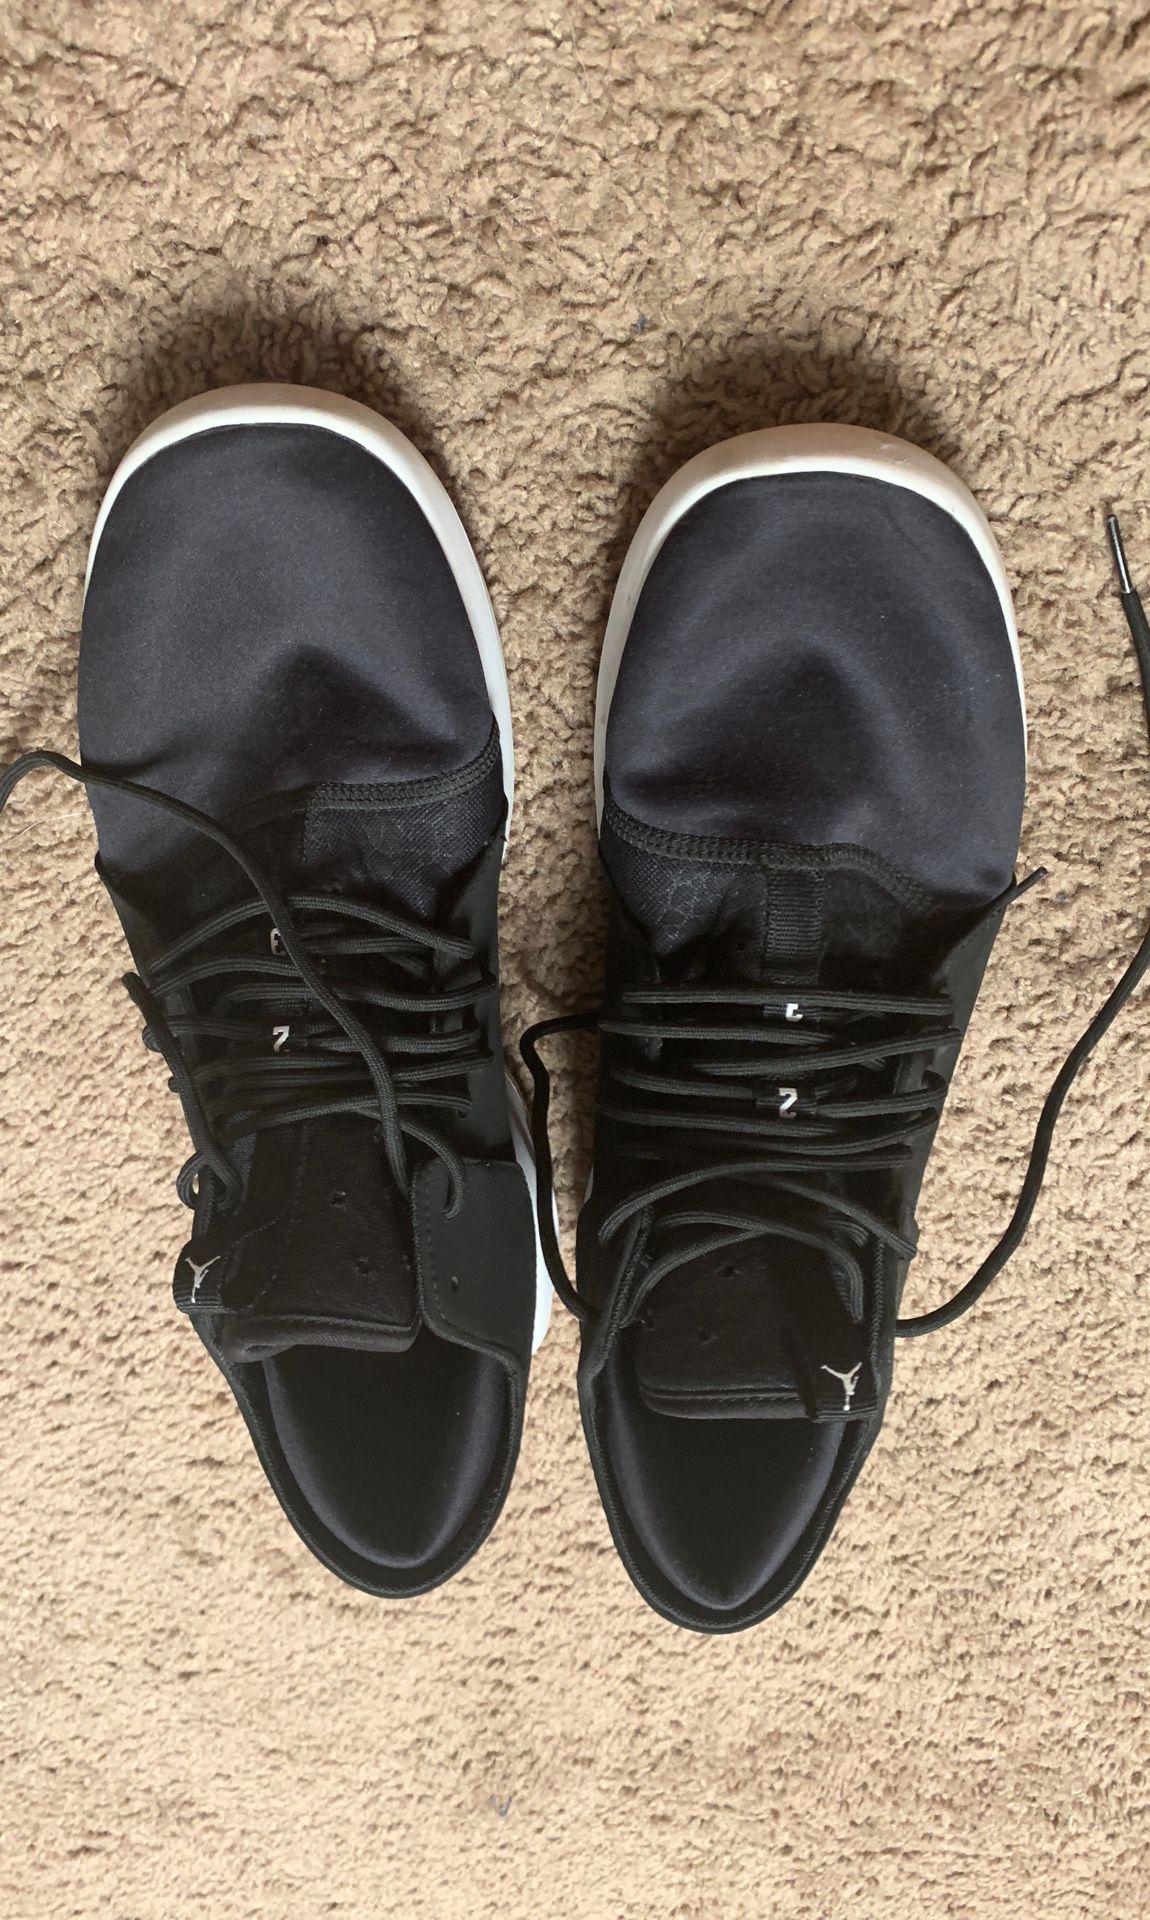 Size 12 Jordan's